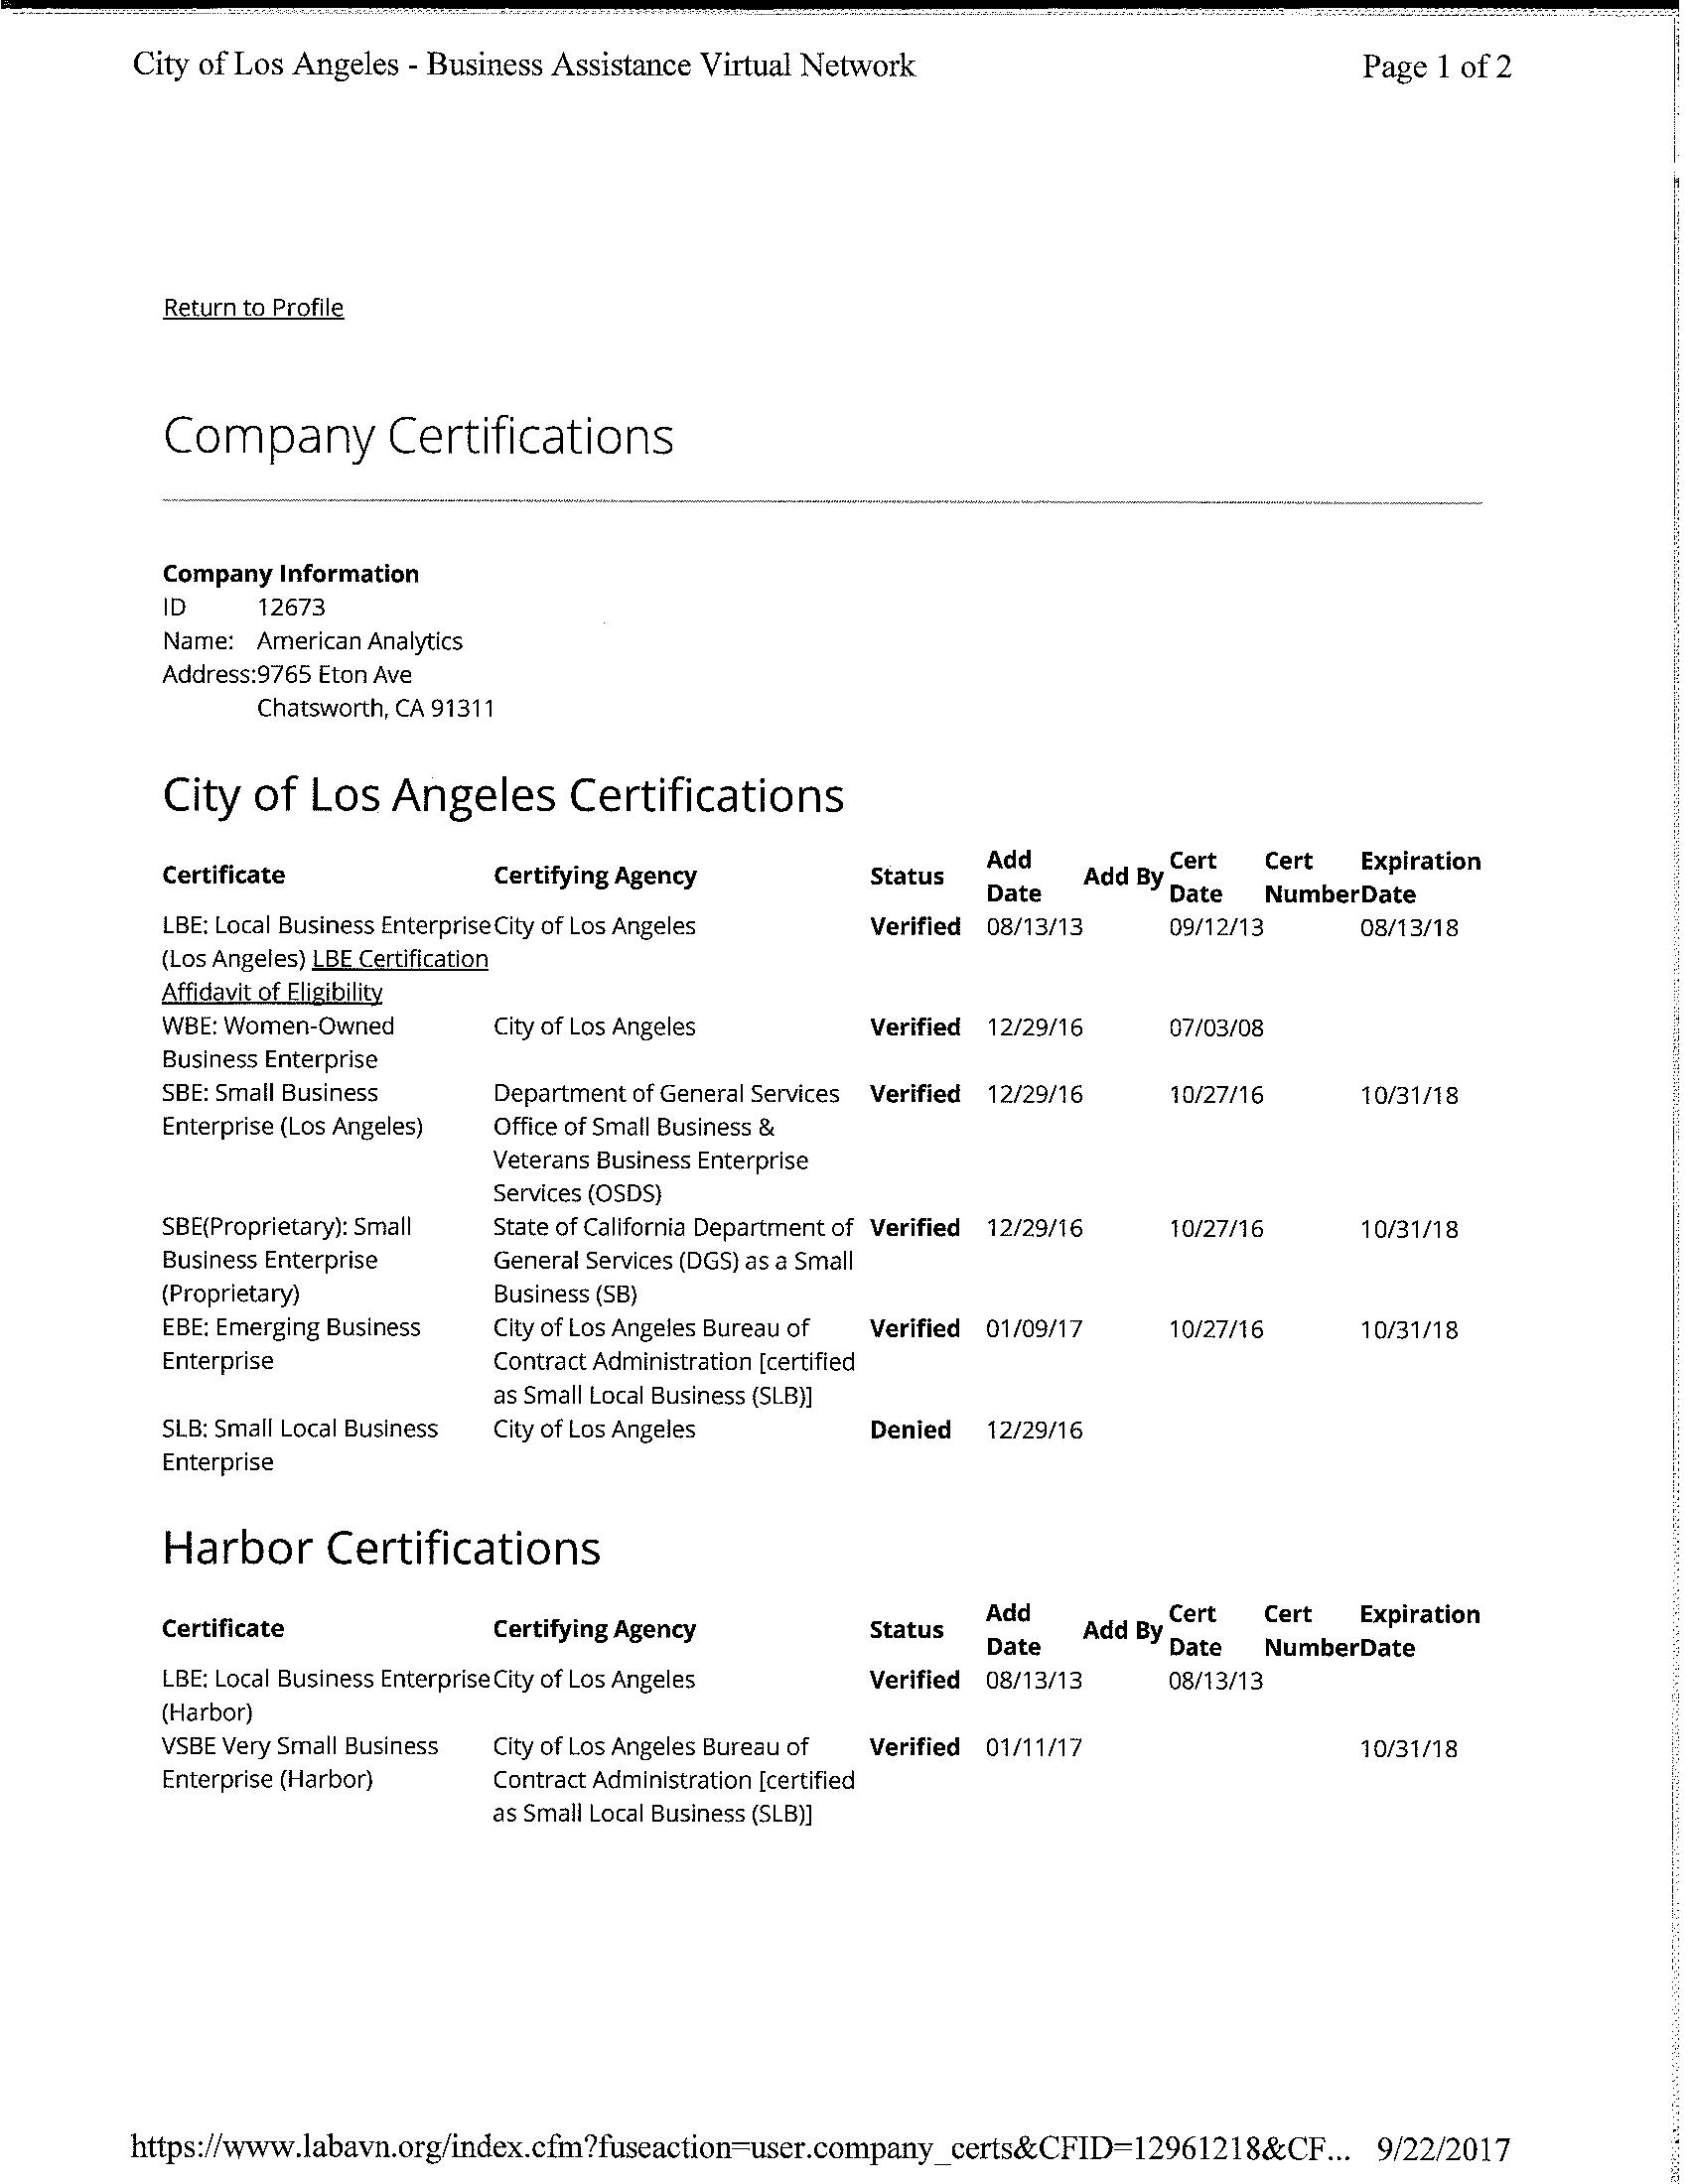 LABAVN Certification